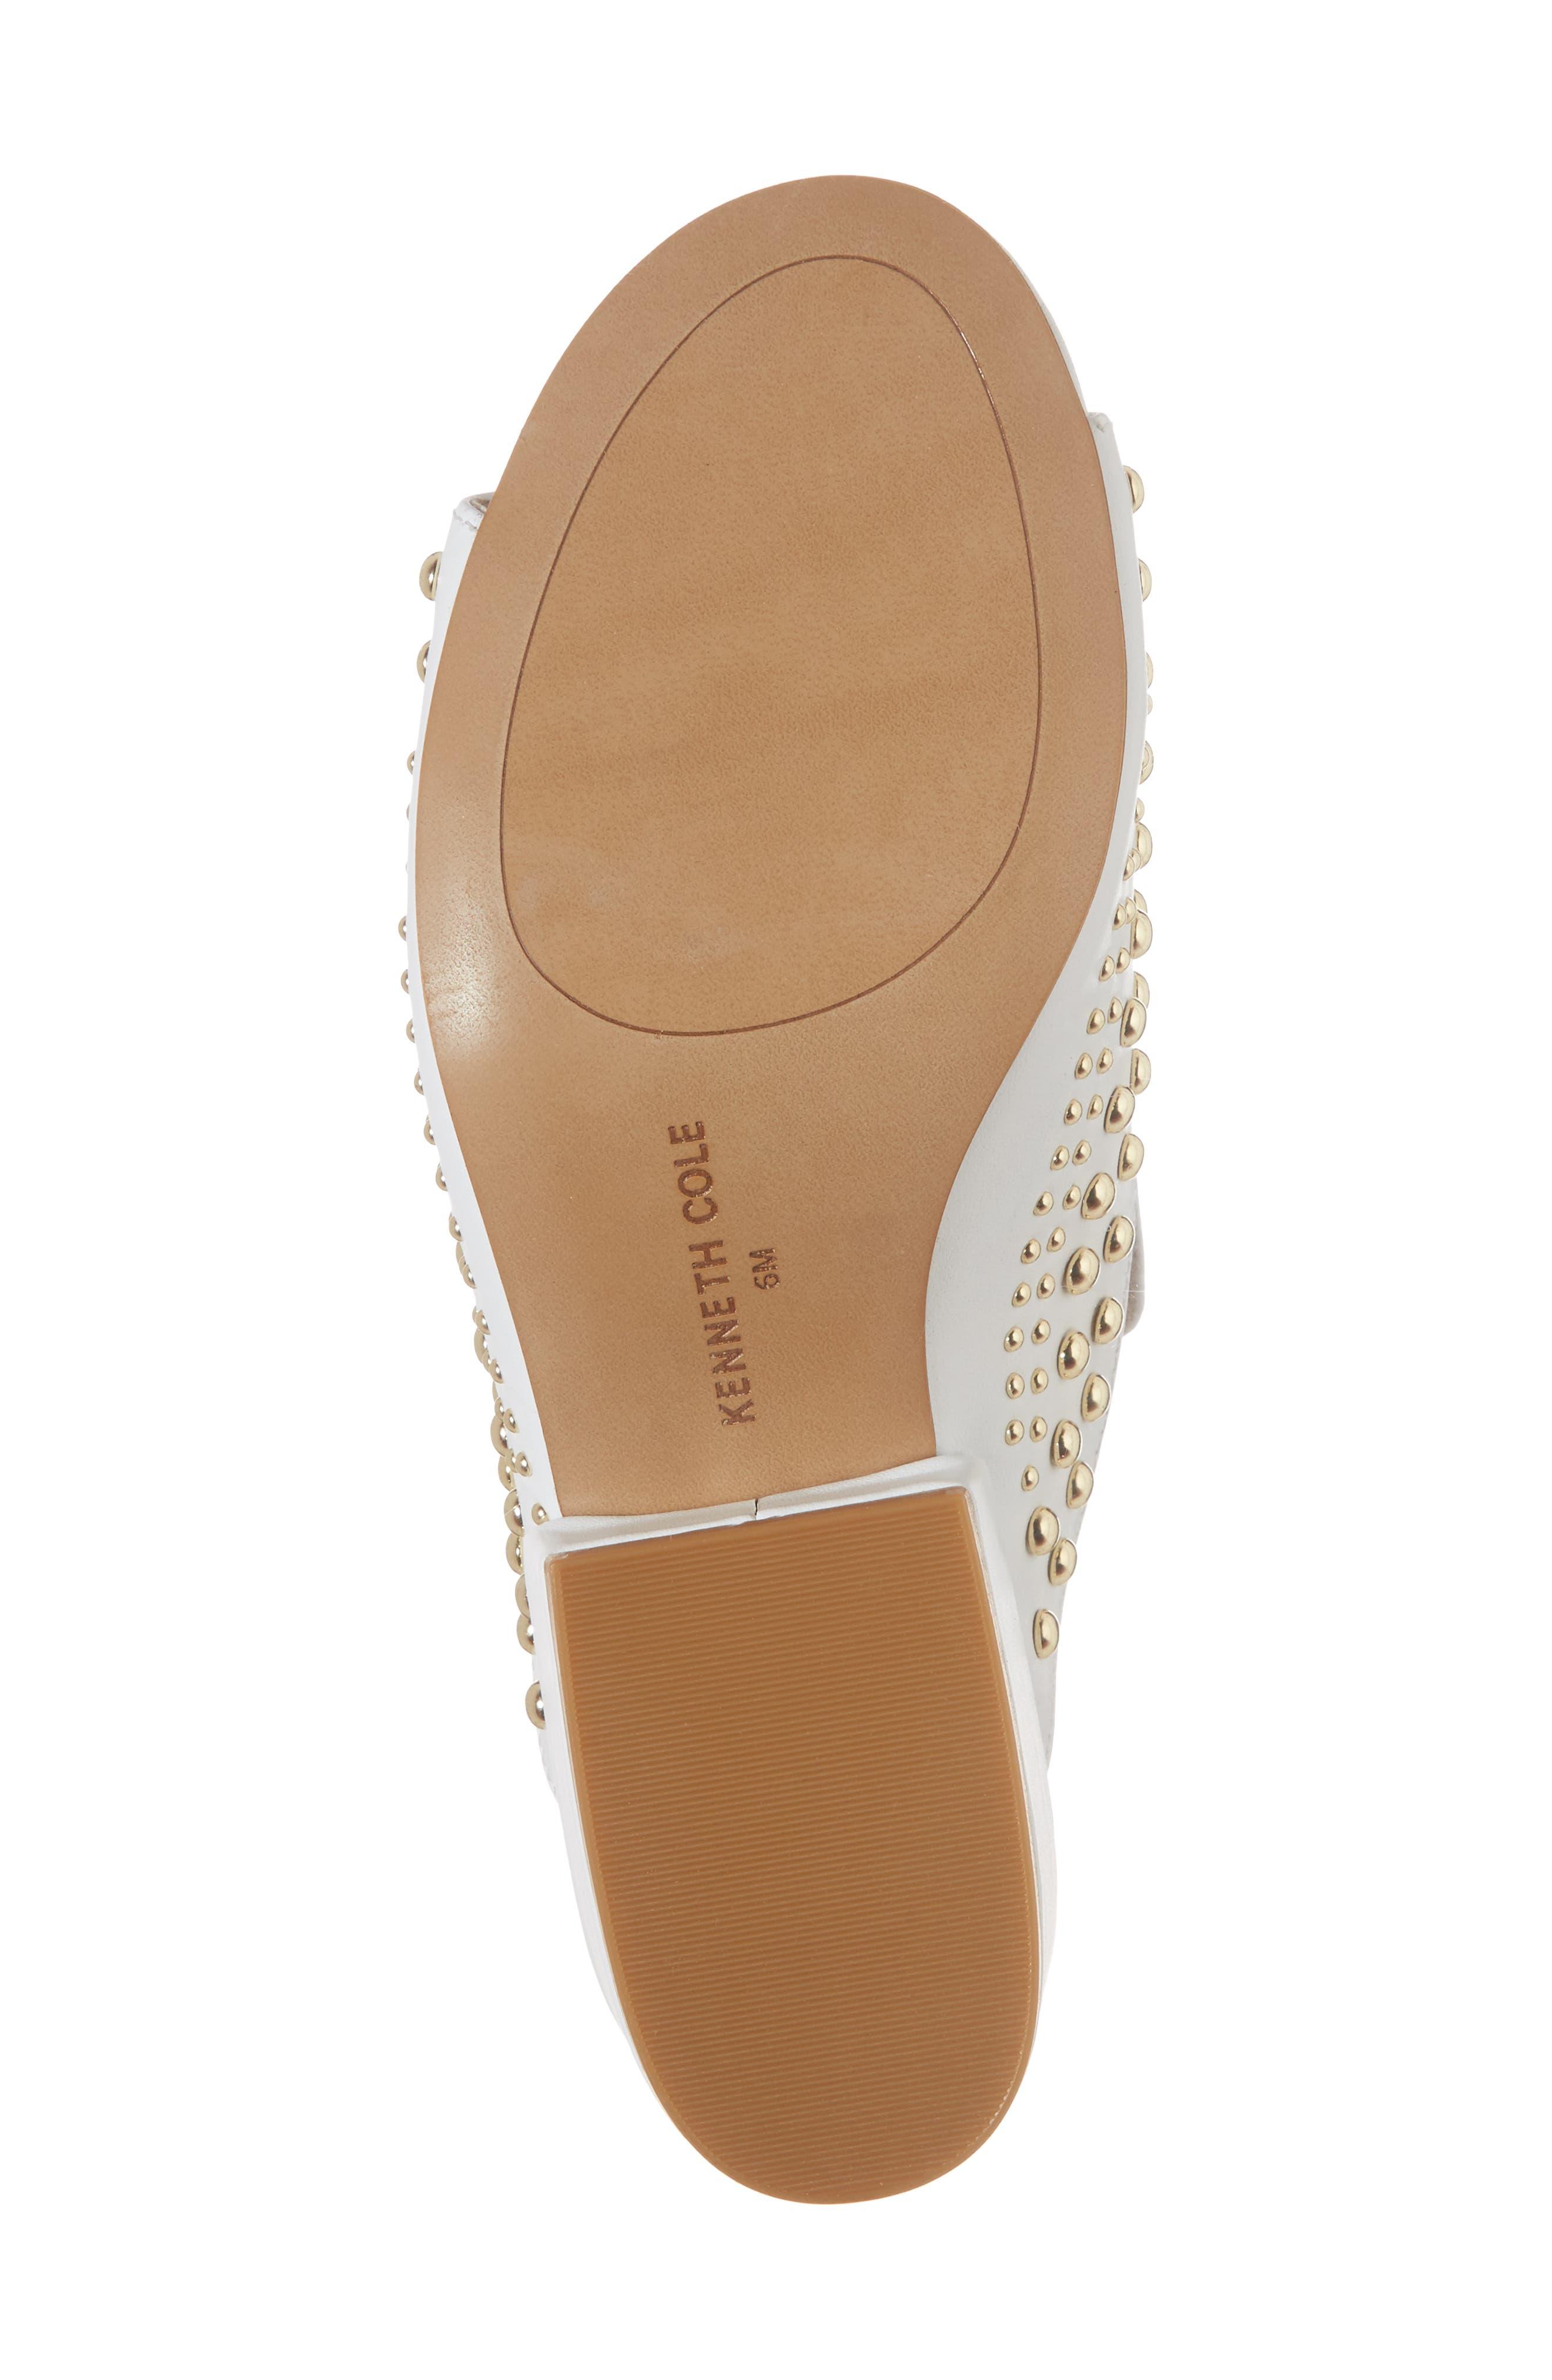 Farley Studded Slide Sandal,                             Alternate thumbnail 6, color,                             White Leather